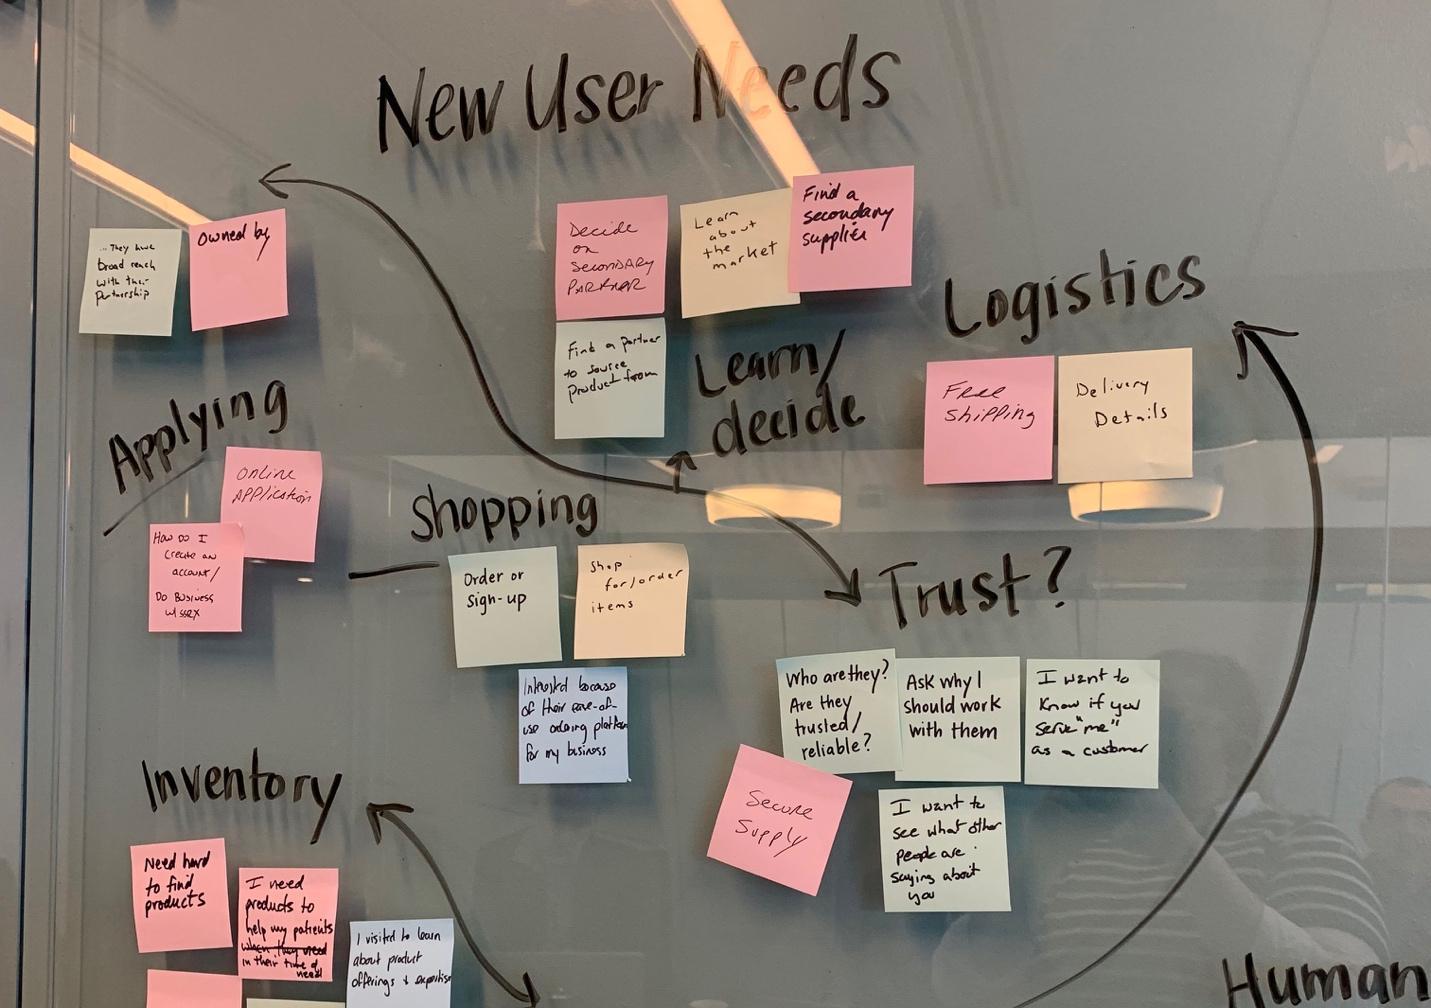 デザインに必要な要素の種類を定義するのに役立つように、付箋にアイデアを書き留めます。